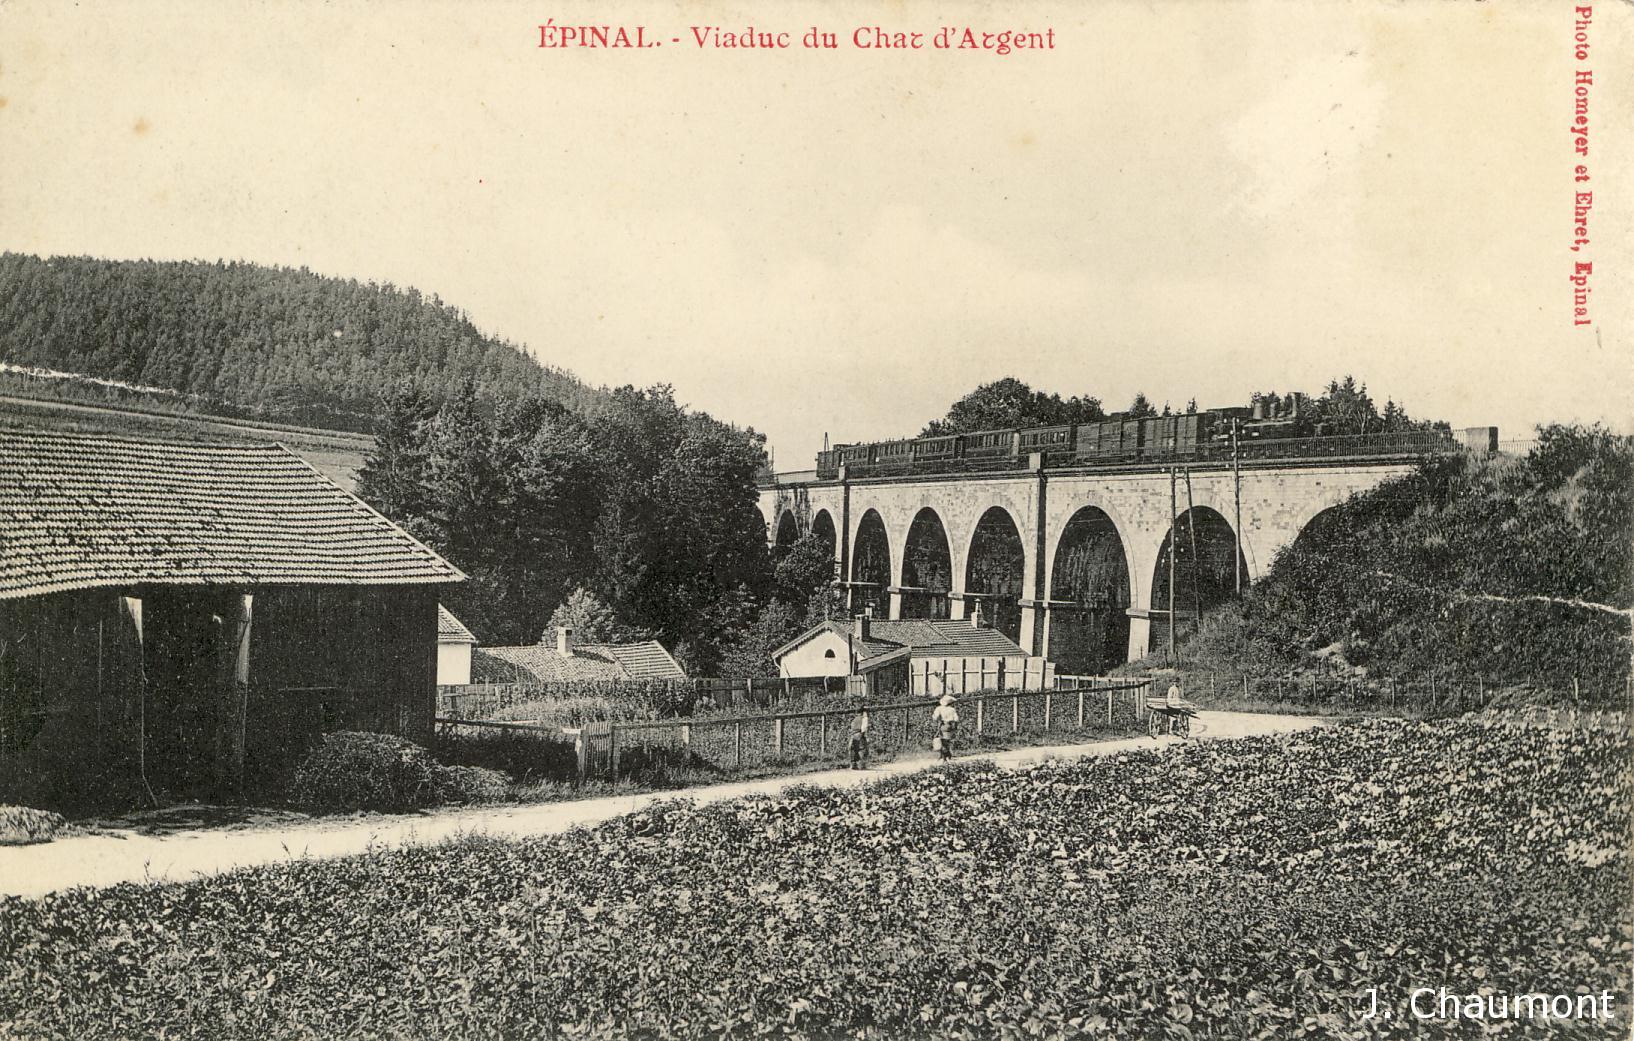 Le Viaduc du Char d'Argent en 1908